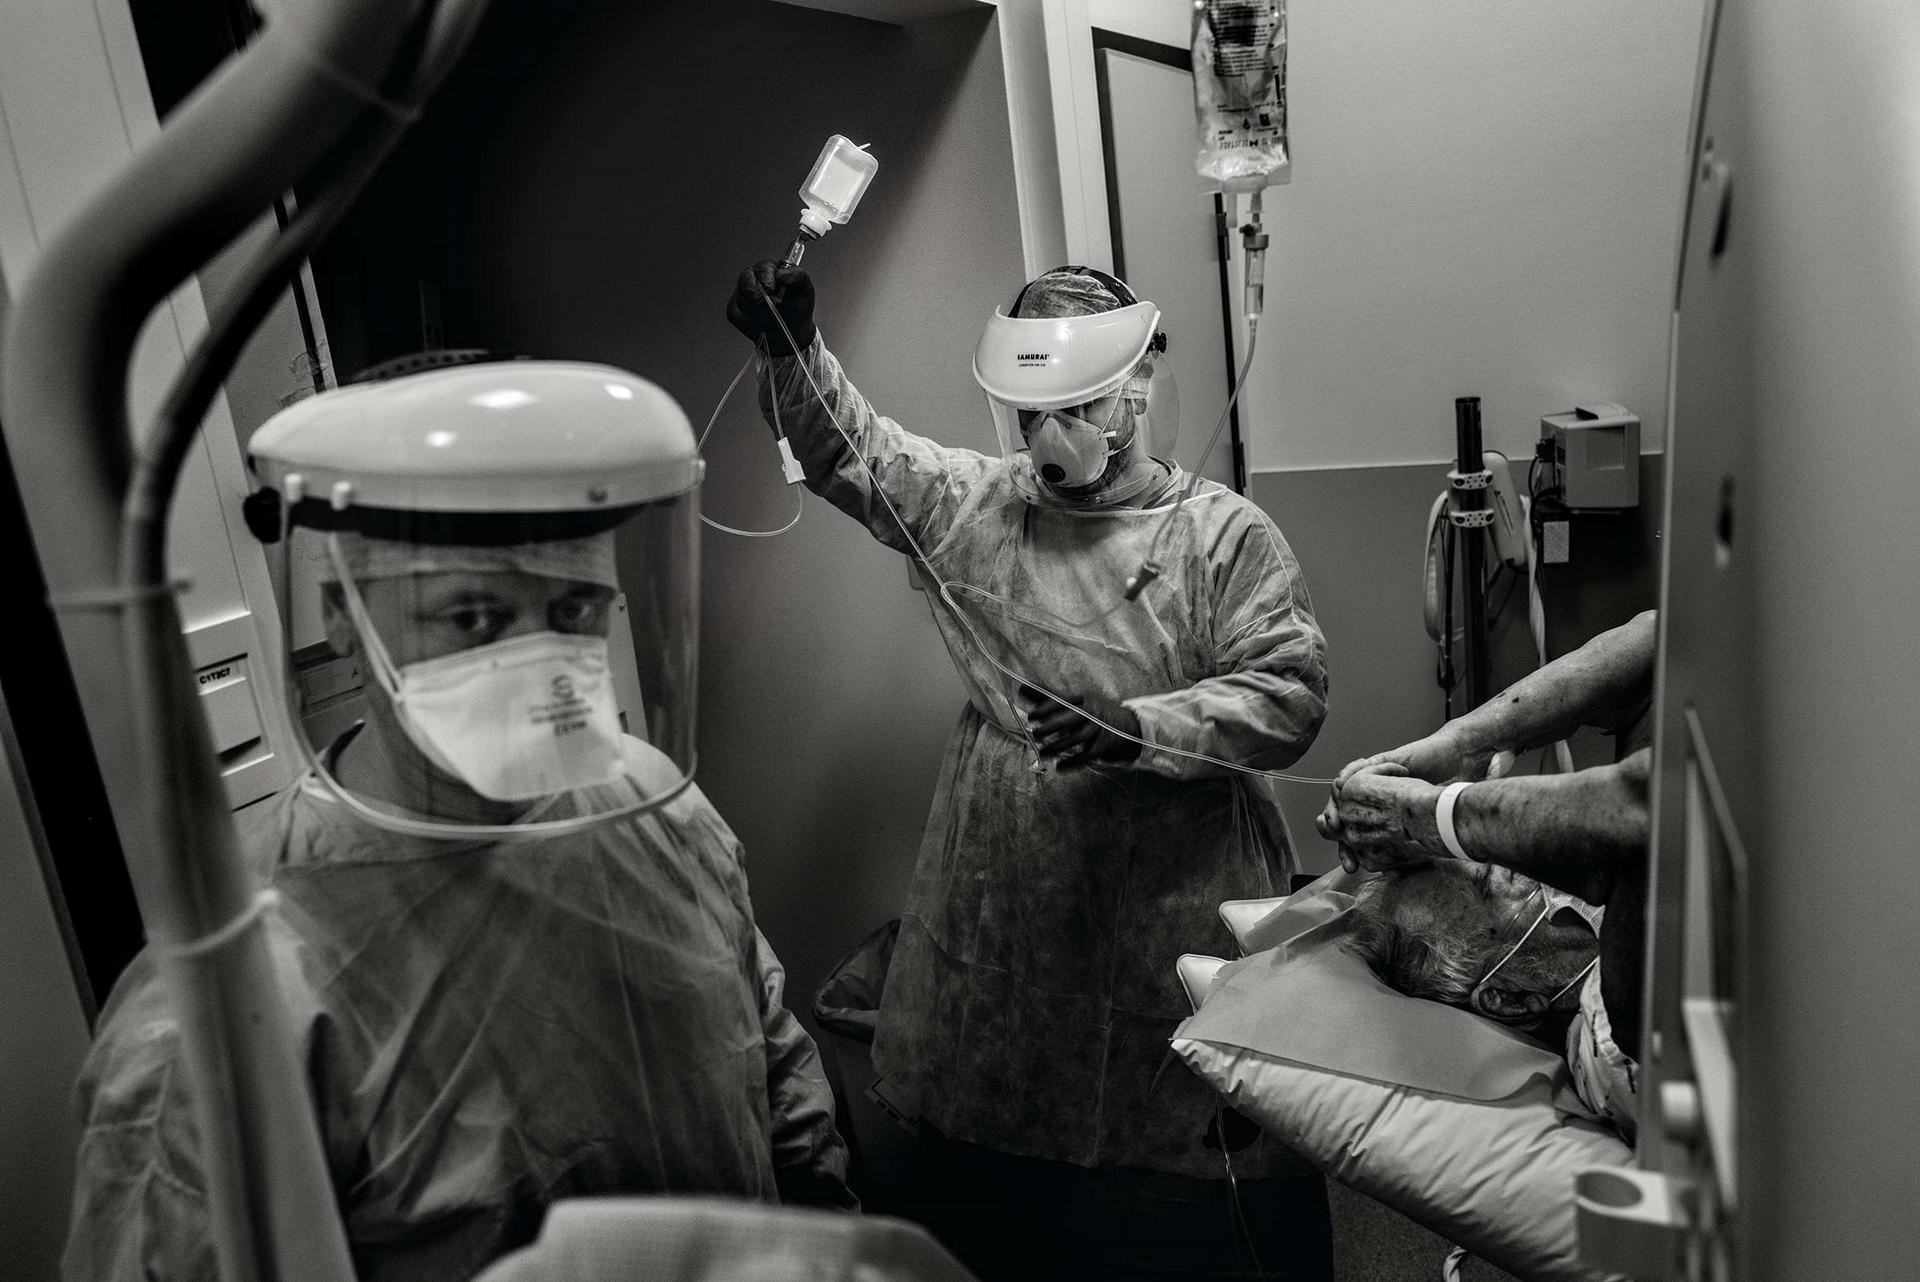 抗疫工作造成的心理代價寫在這位醫技人員戴著面罩的臉上,他正在拉盧維耶爾的醫院幫一名病人做電腦斷層掃描前的準備。今年春天有一段時間,比利時的COVID-19人均死亡率是全球最高的,到5月底時,總人口1170萬的比利時已有超過9000人死亡。雖然後來疫情被控制住了,但盛夏時的數字再度攀升,令人擔憂。攝影:塞德利克.傑貝耶 CÉDRIC GERBEHAYE